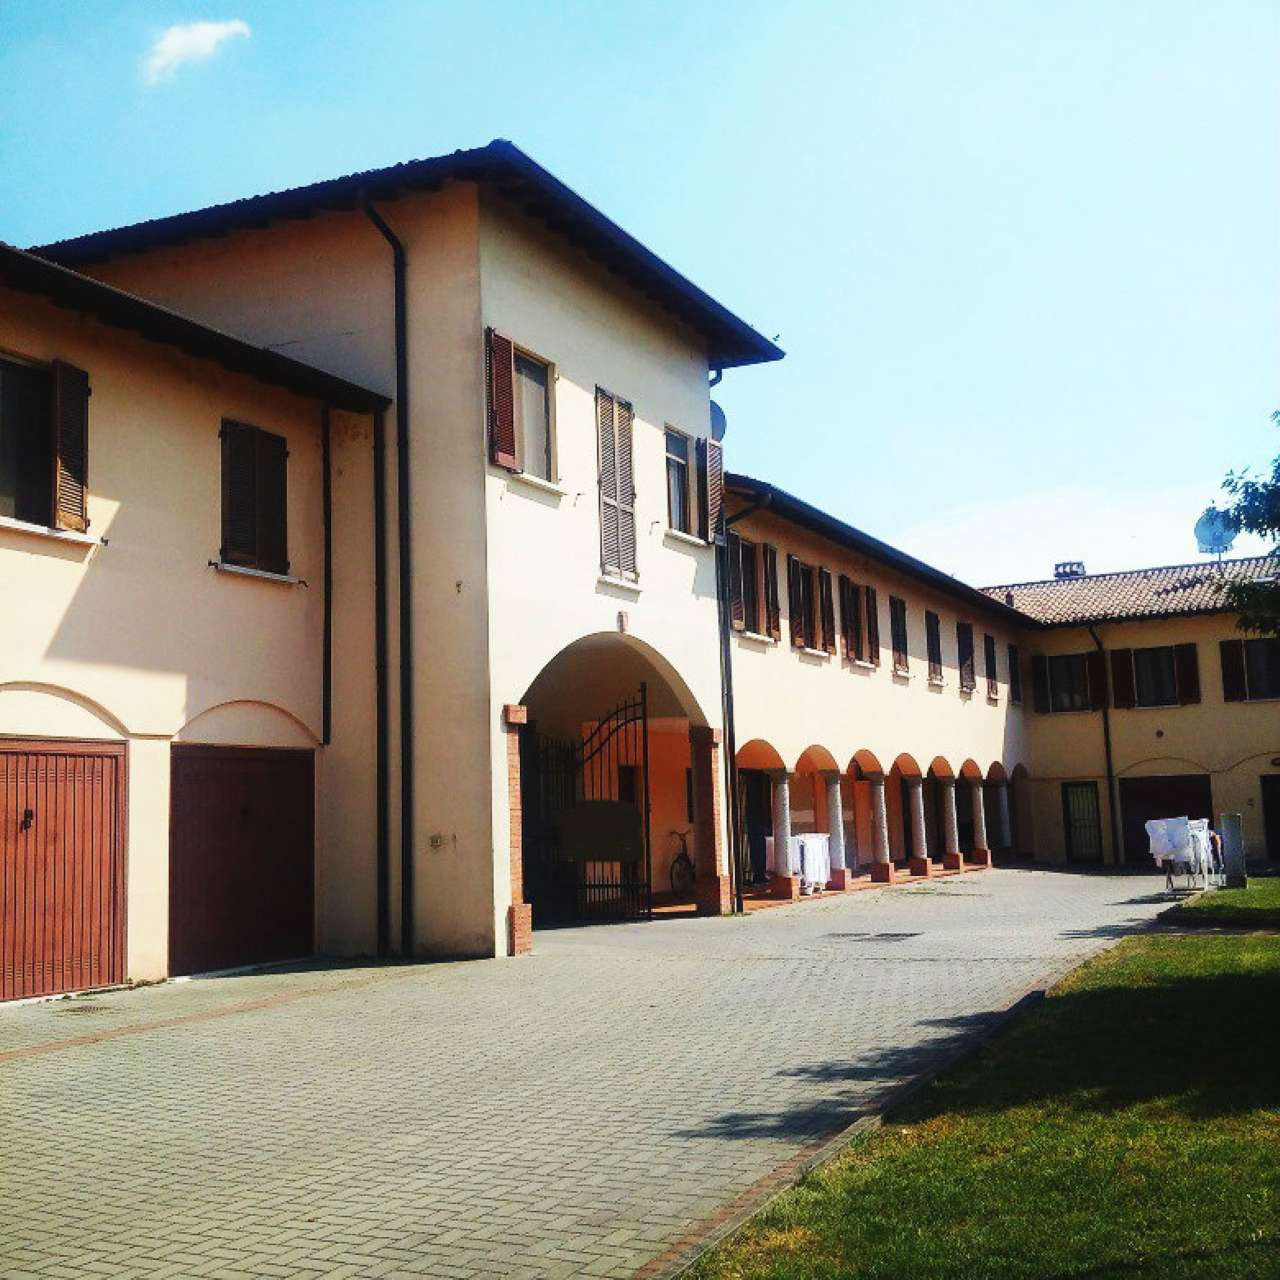 VENDITE Rustici e Case Borgo San Giacomo 4158423